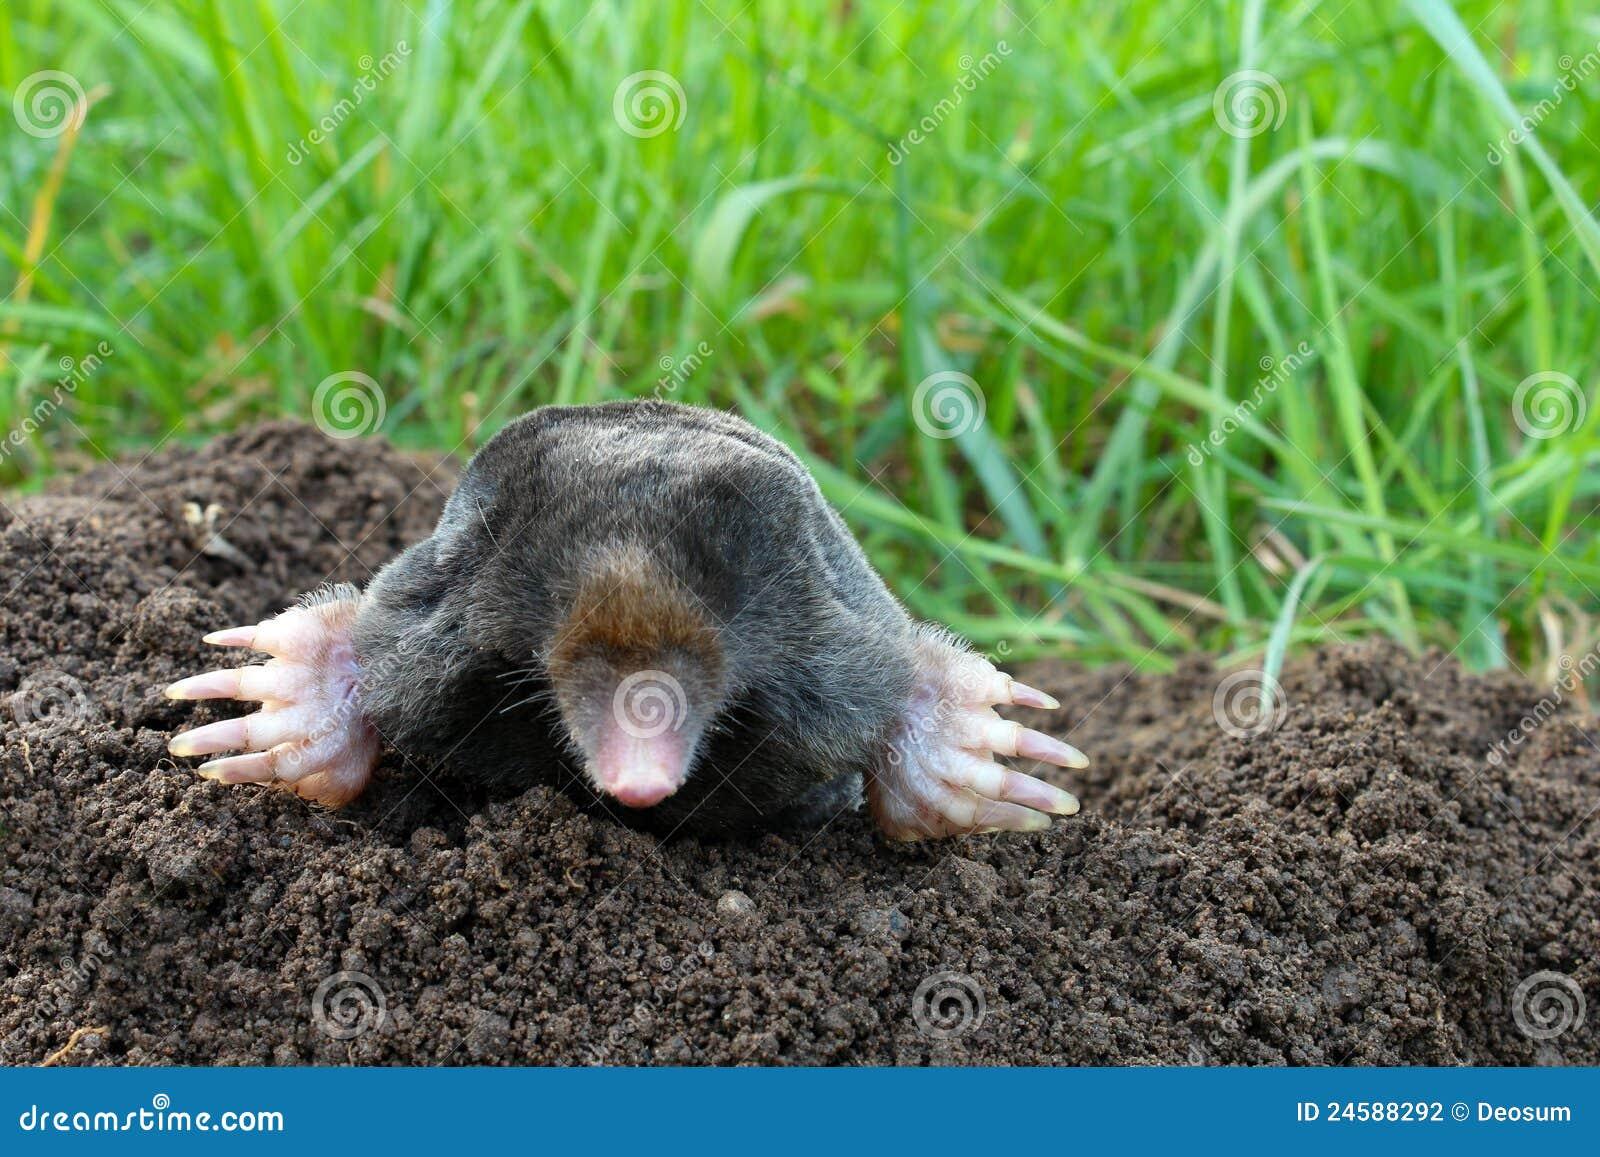 mol en molshoop op tuin stock foto afbeelding bestaande